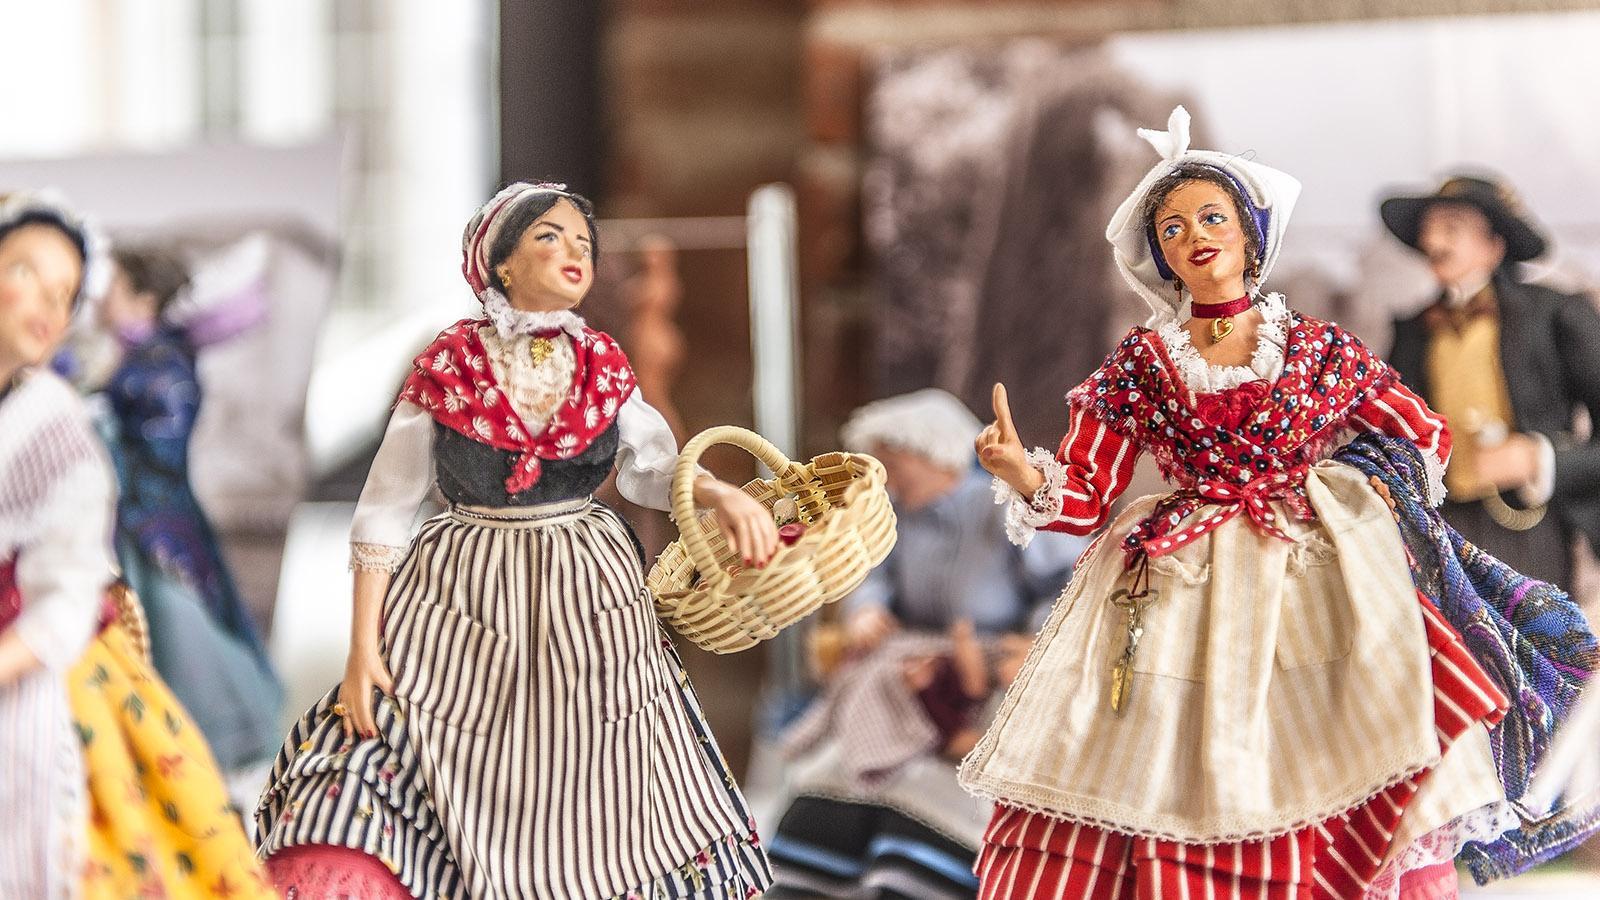 Frauen beim Einkauf auf dem Markt. Foto: Hilke Maunder